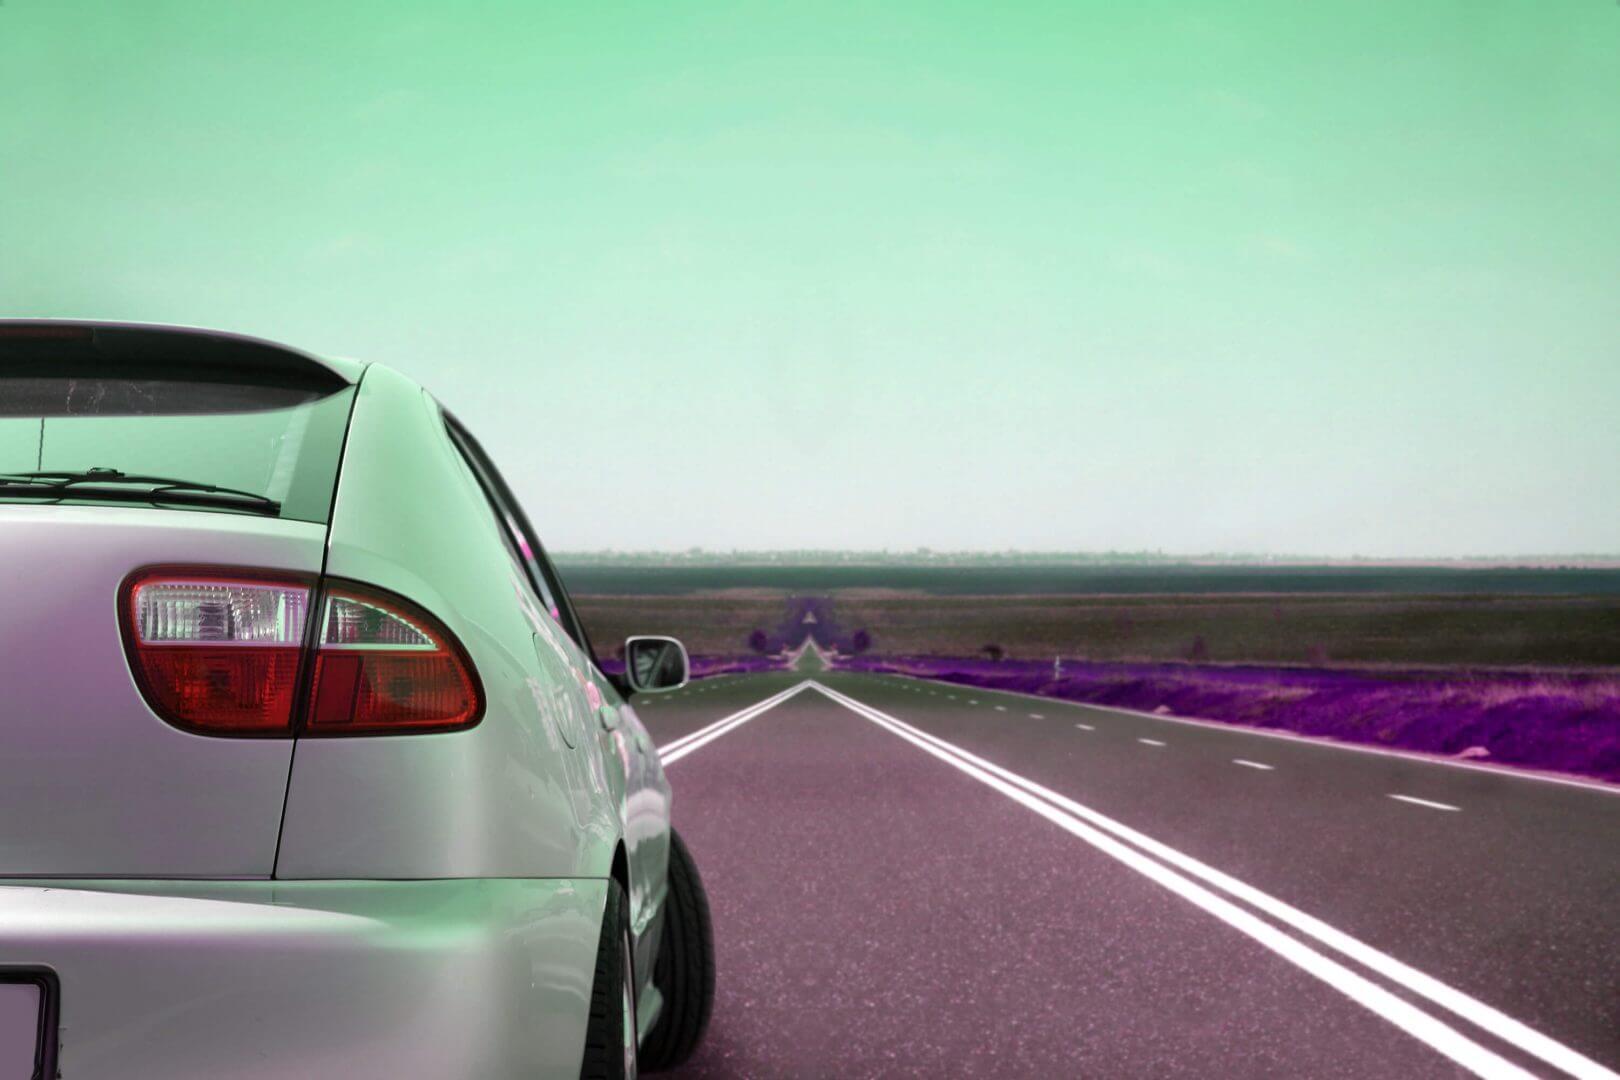 Na co zwrócić uwagę wybierając ubezpieczenie AC dla starego samochodu?